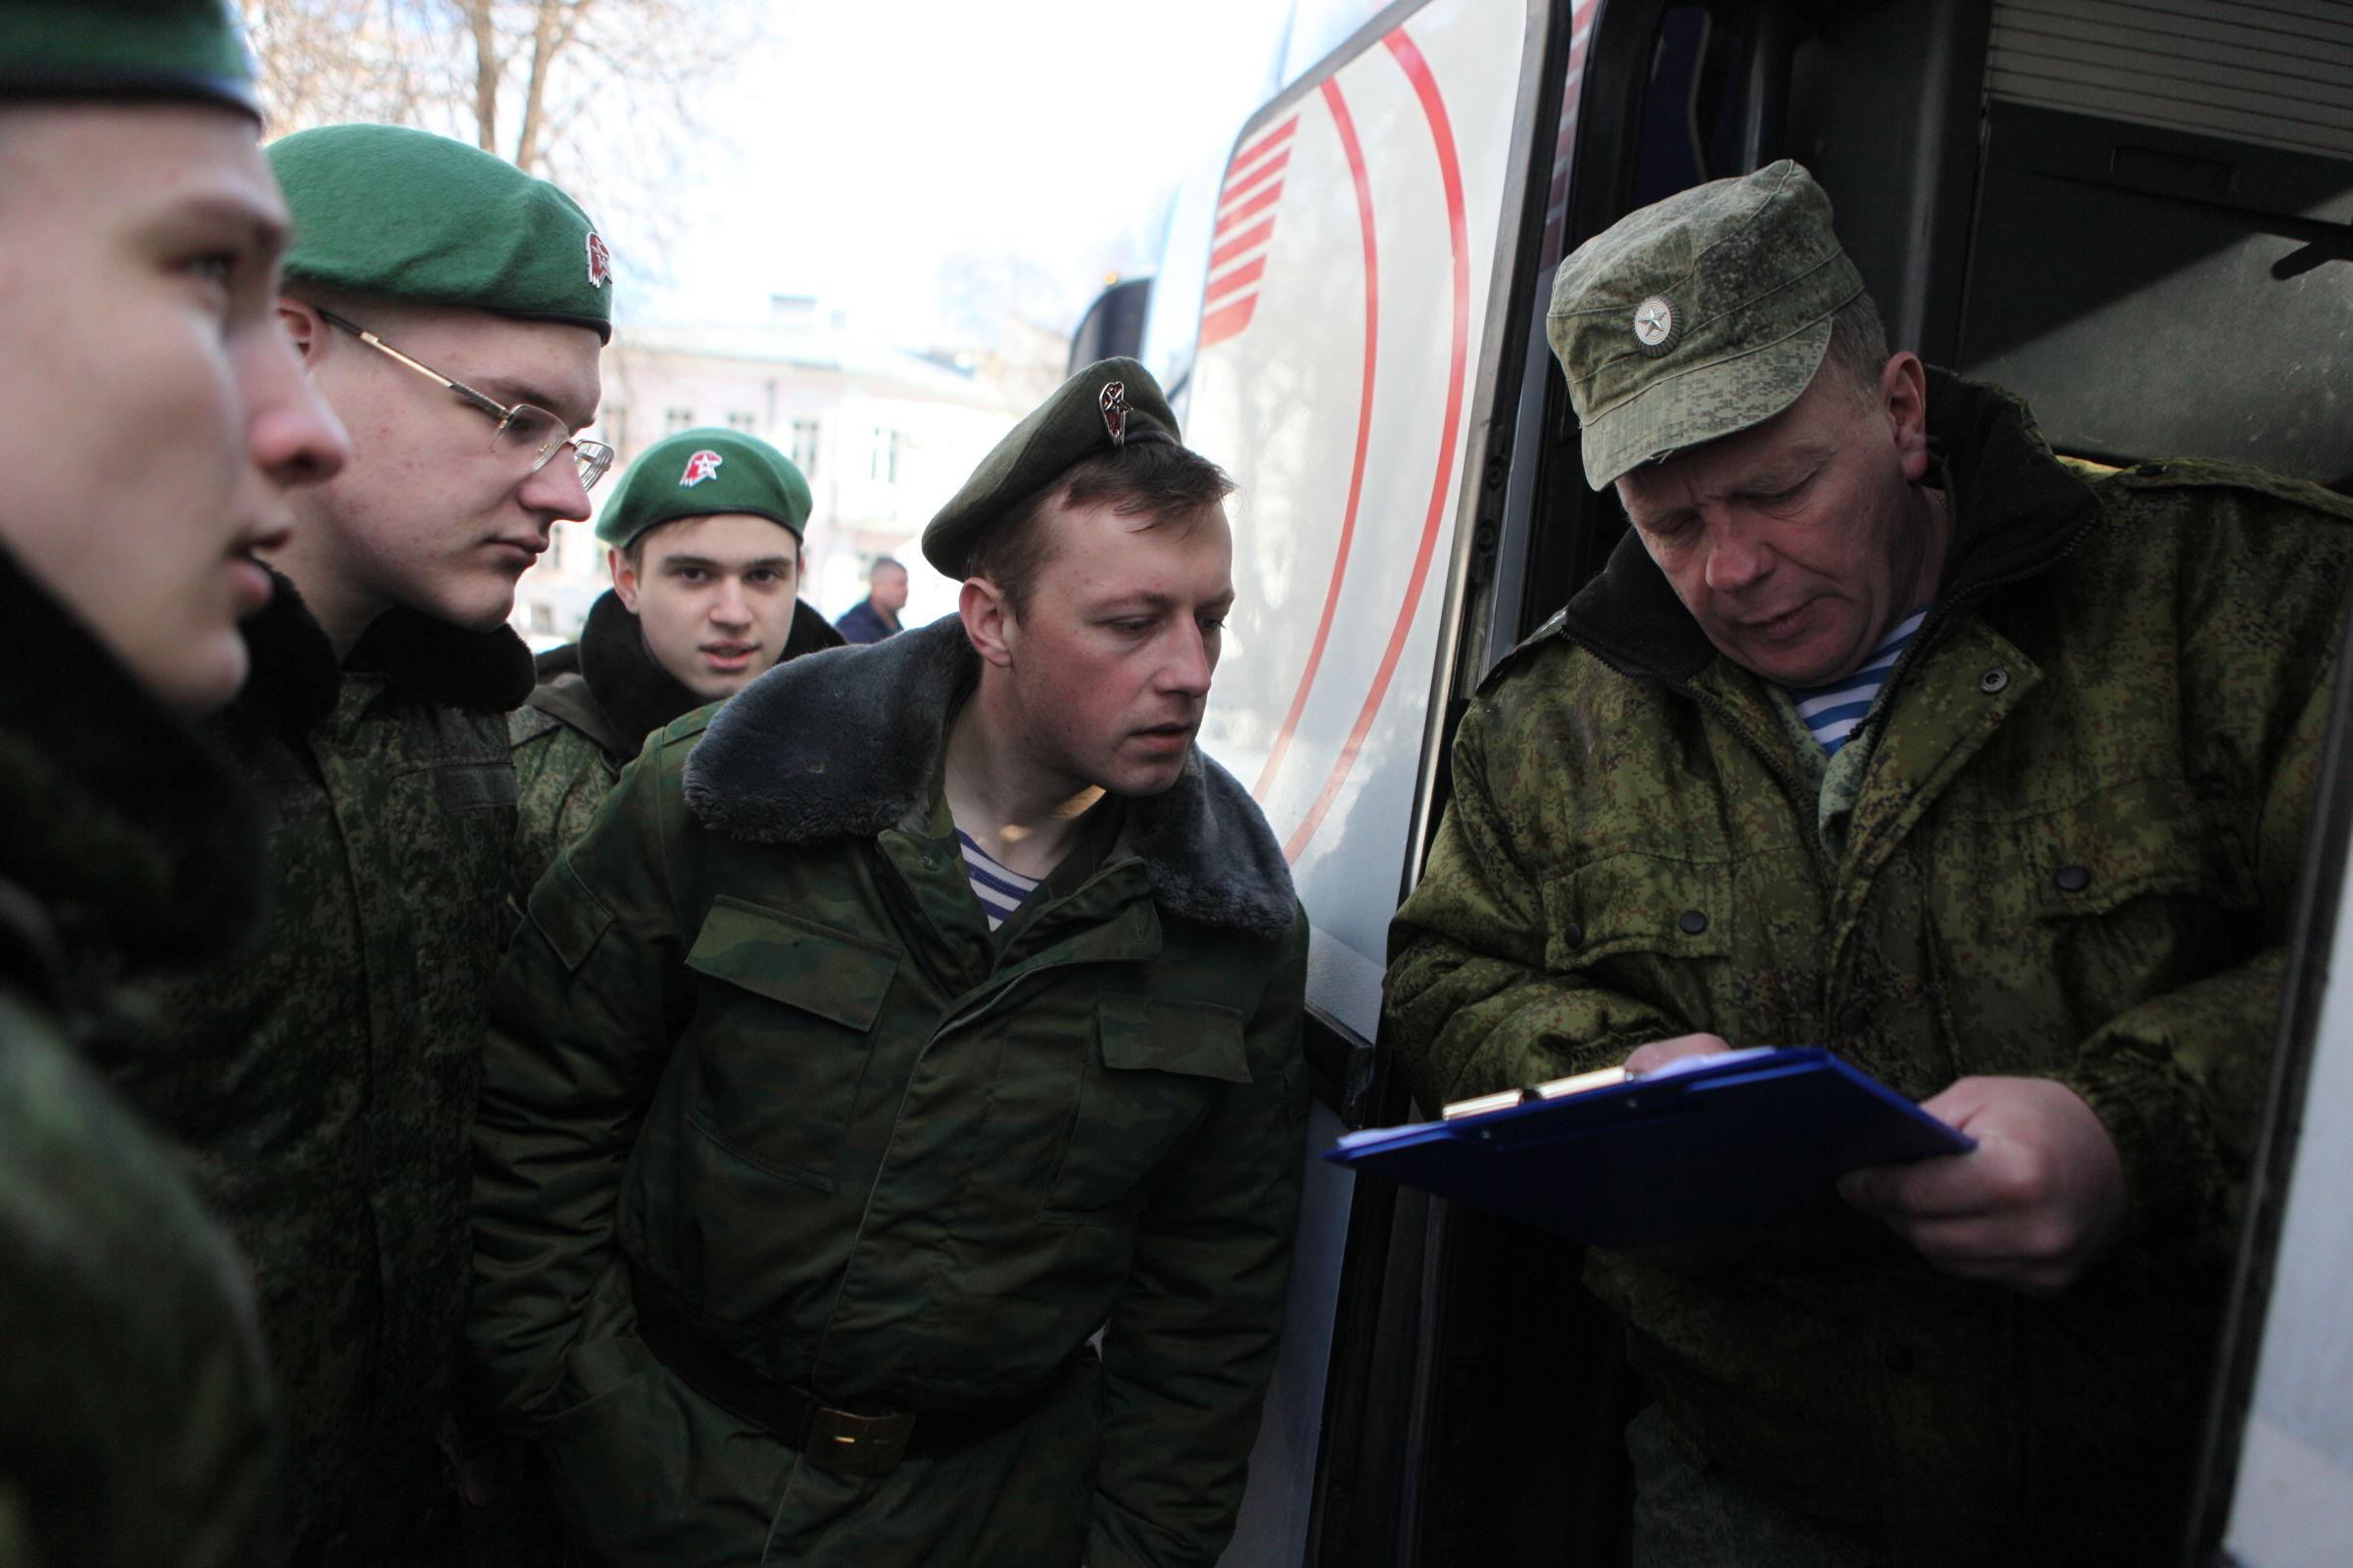 Ярославские юнармейцы отправились на военно-патриотические сборы: фото